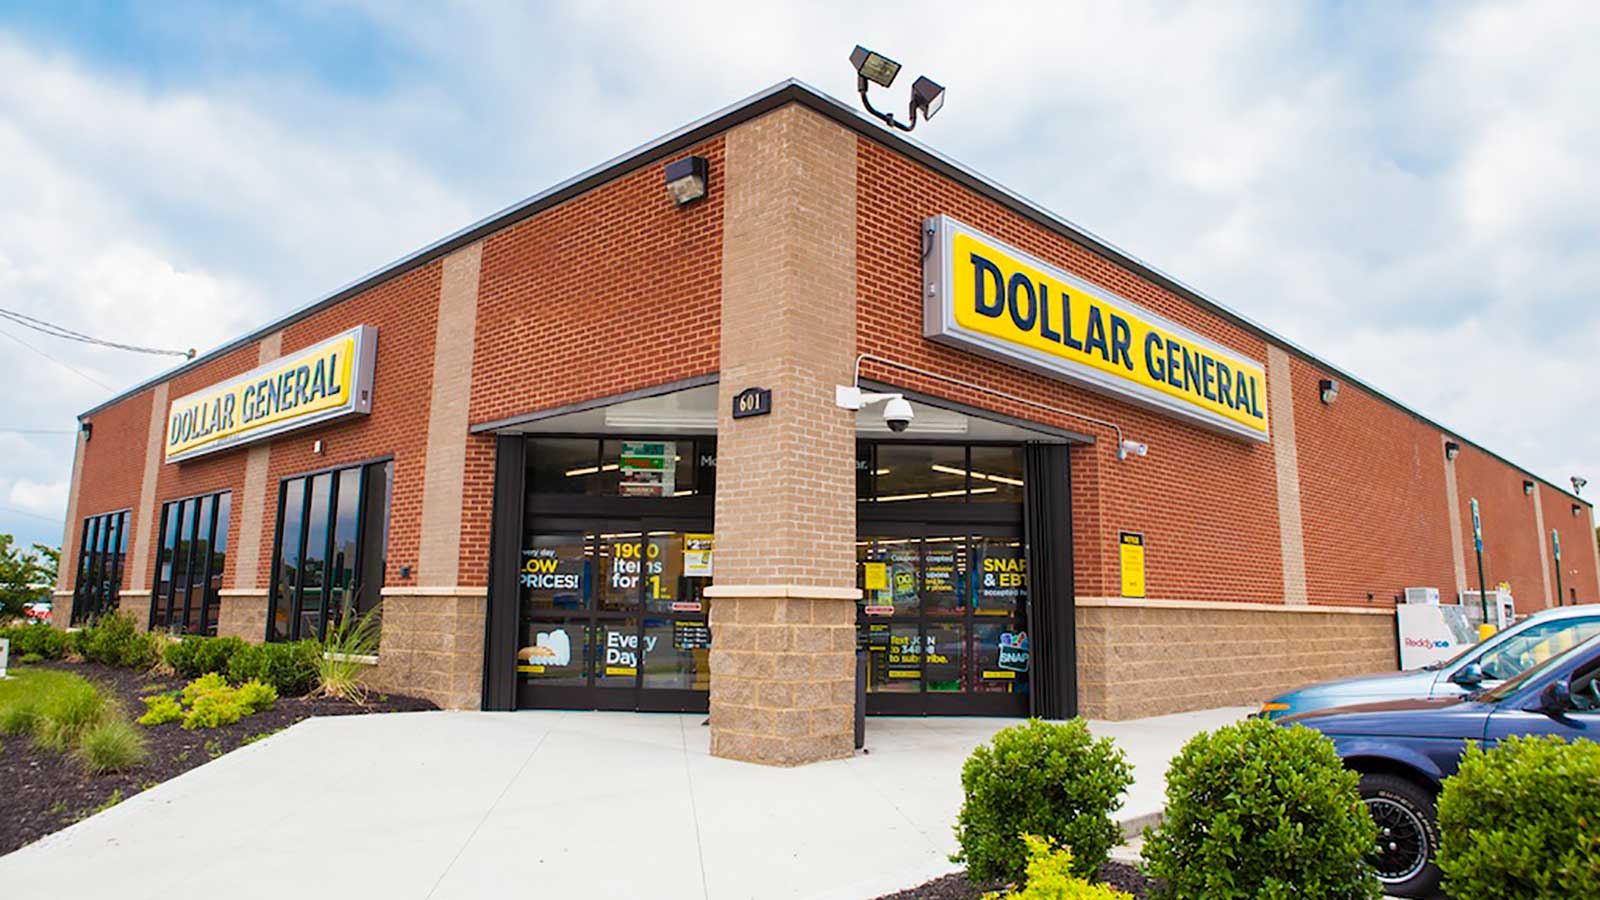 Dollar General CMK